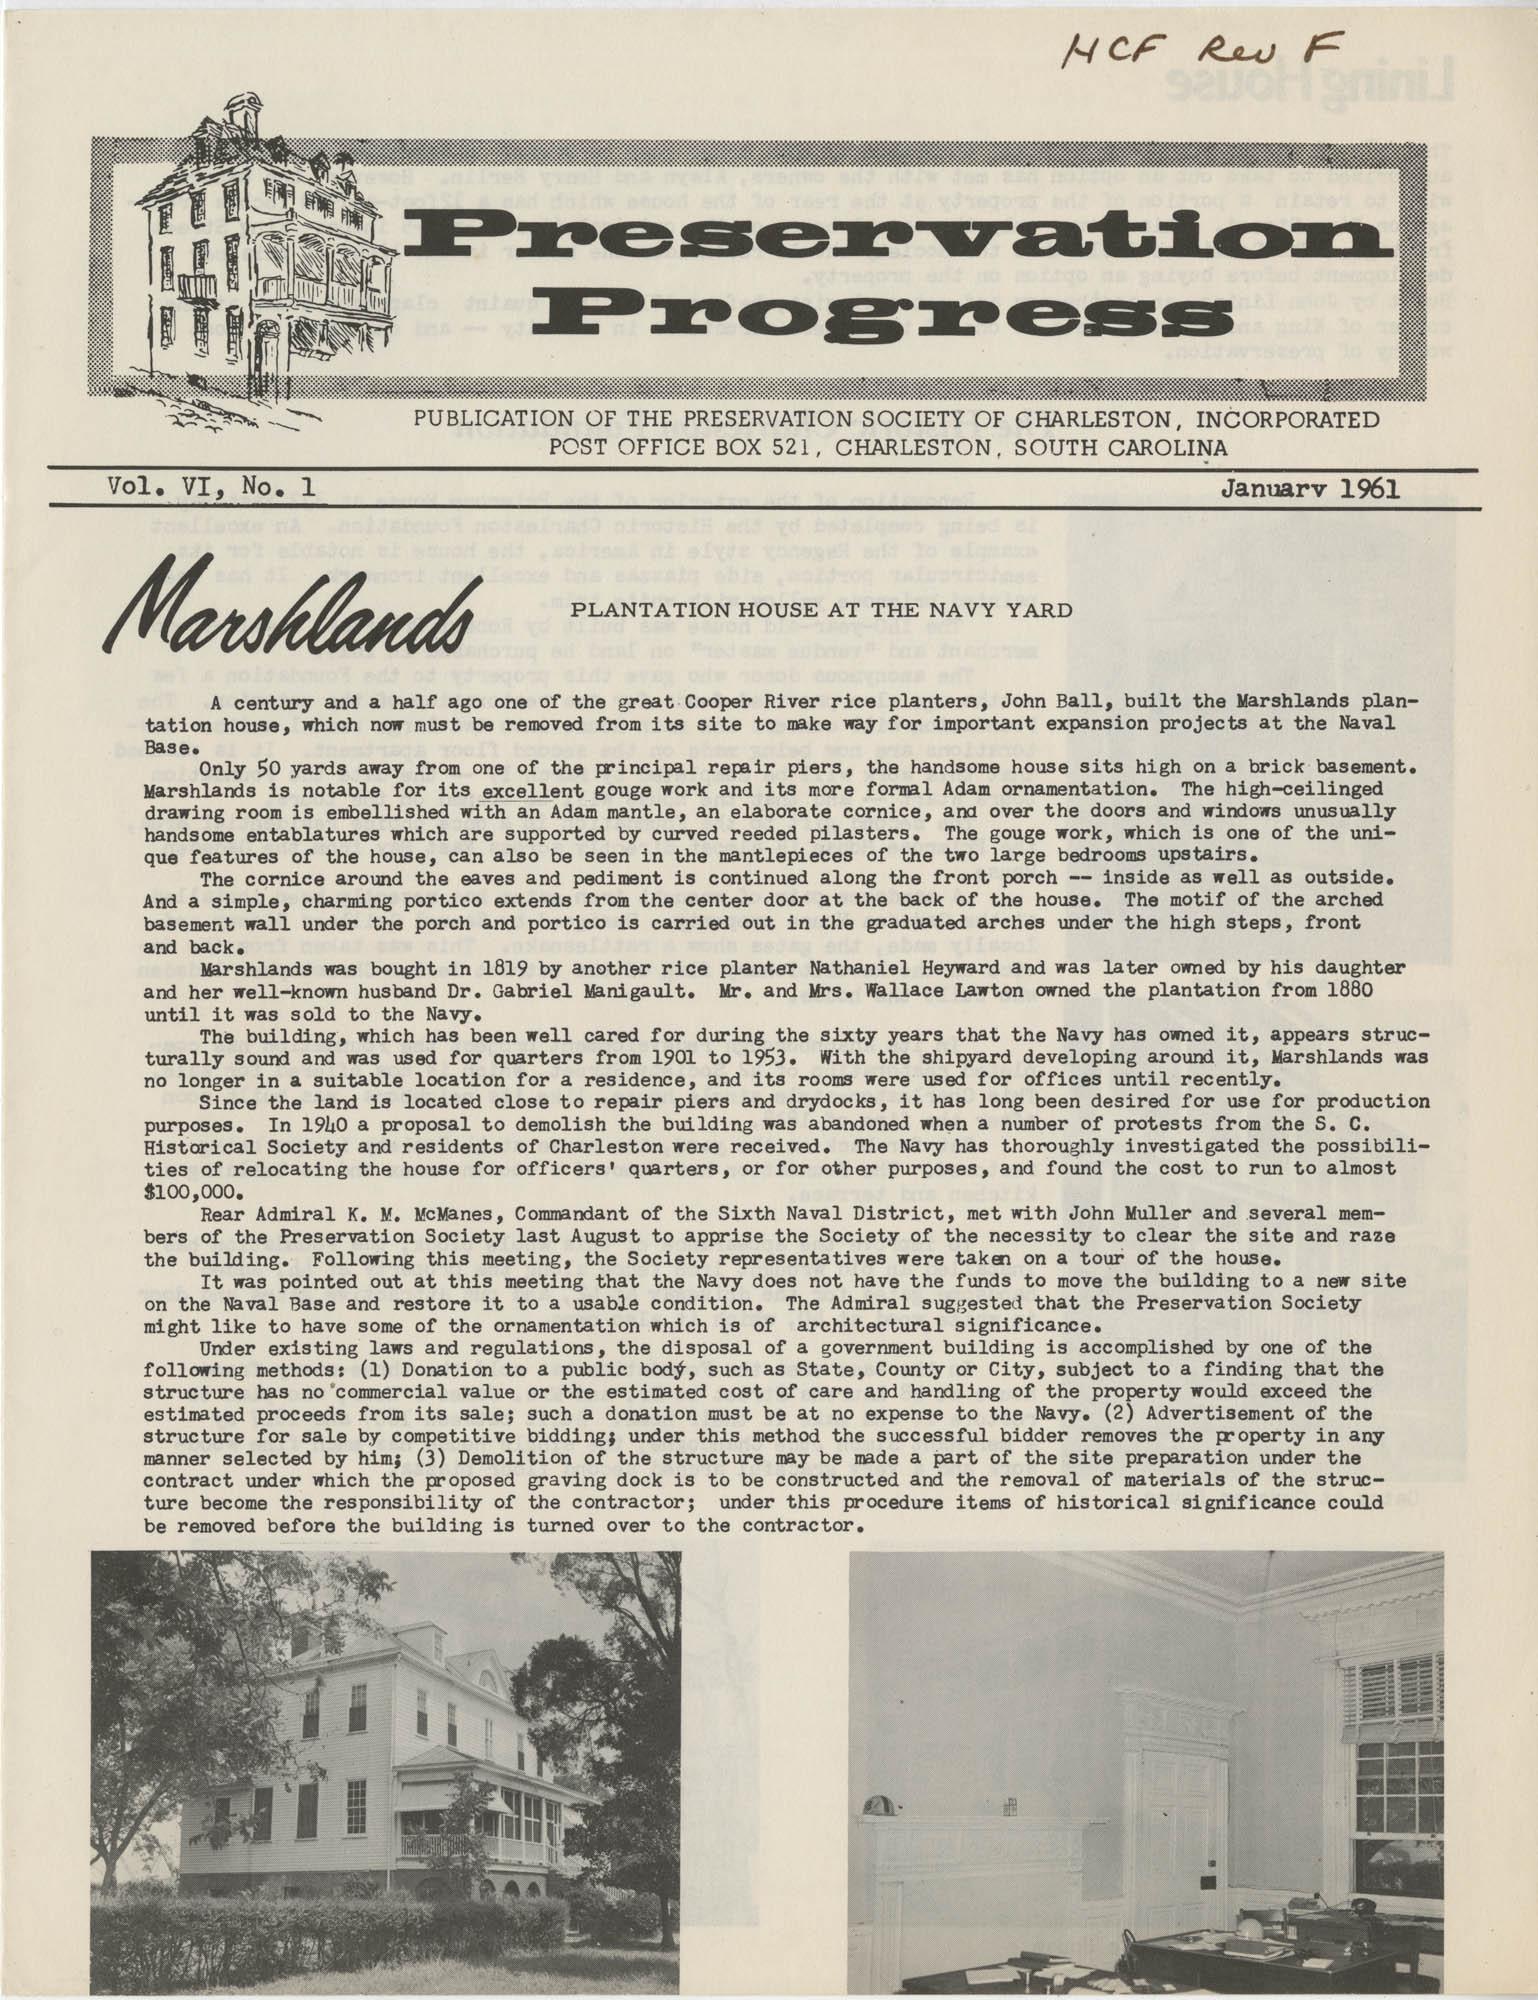 Preservation Progress, Vol. VI, No. 1, Cover